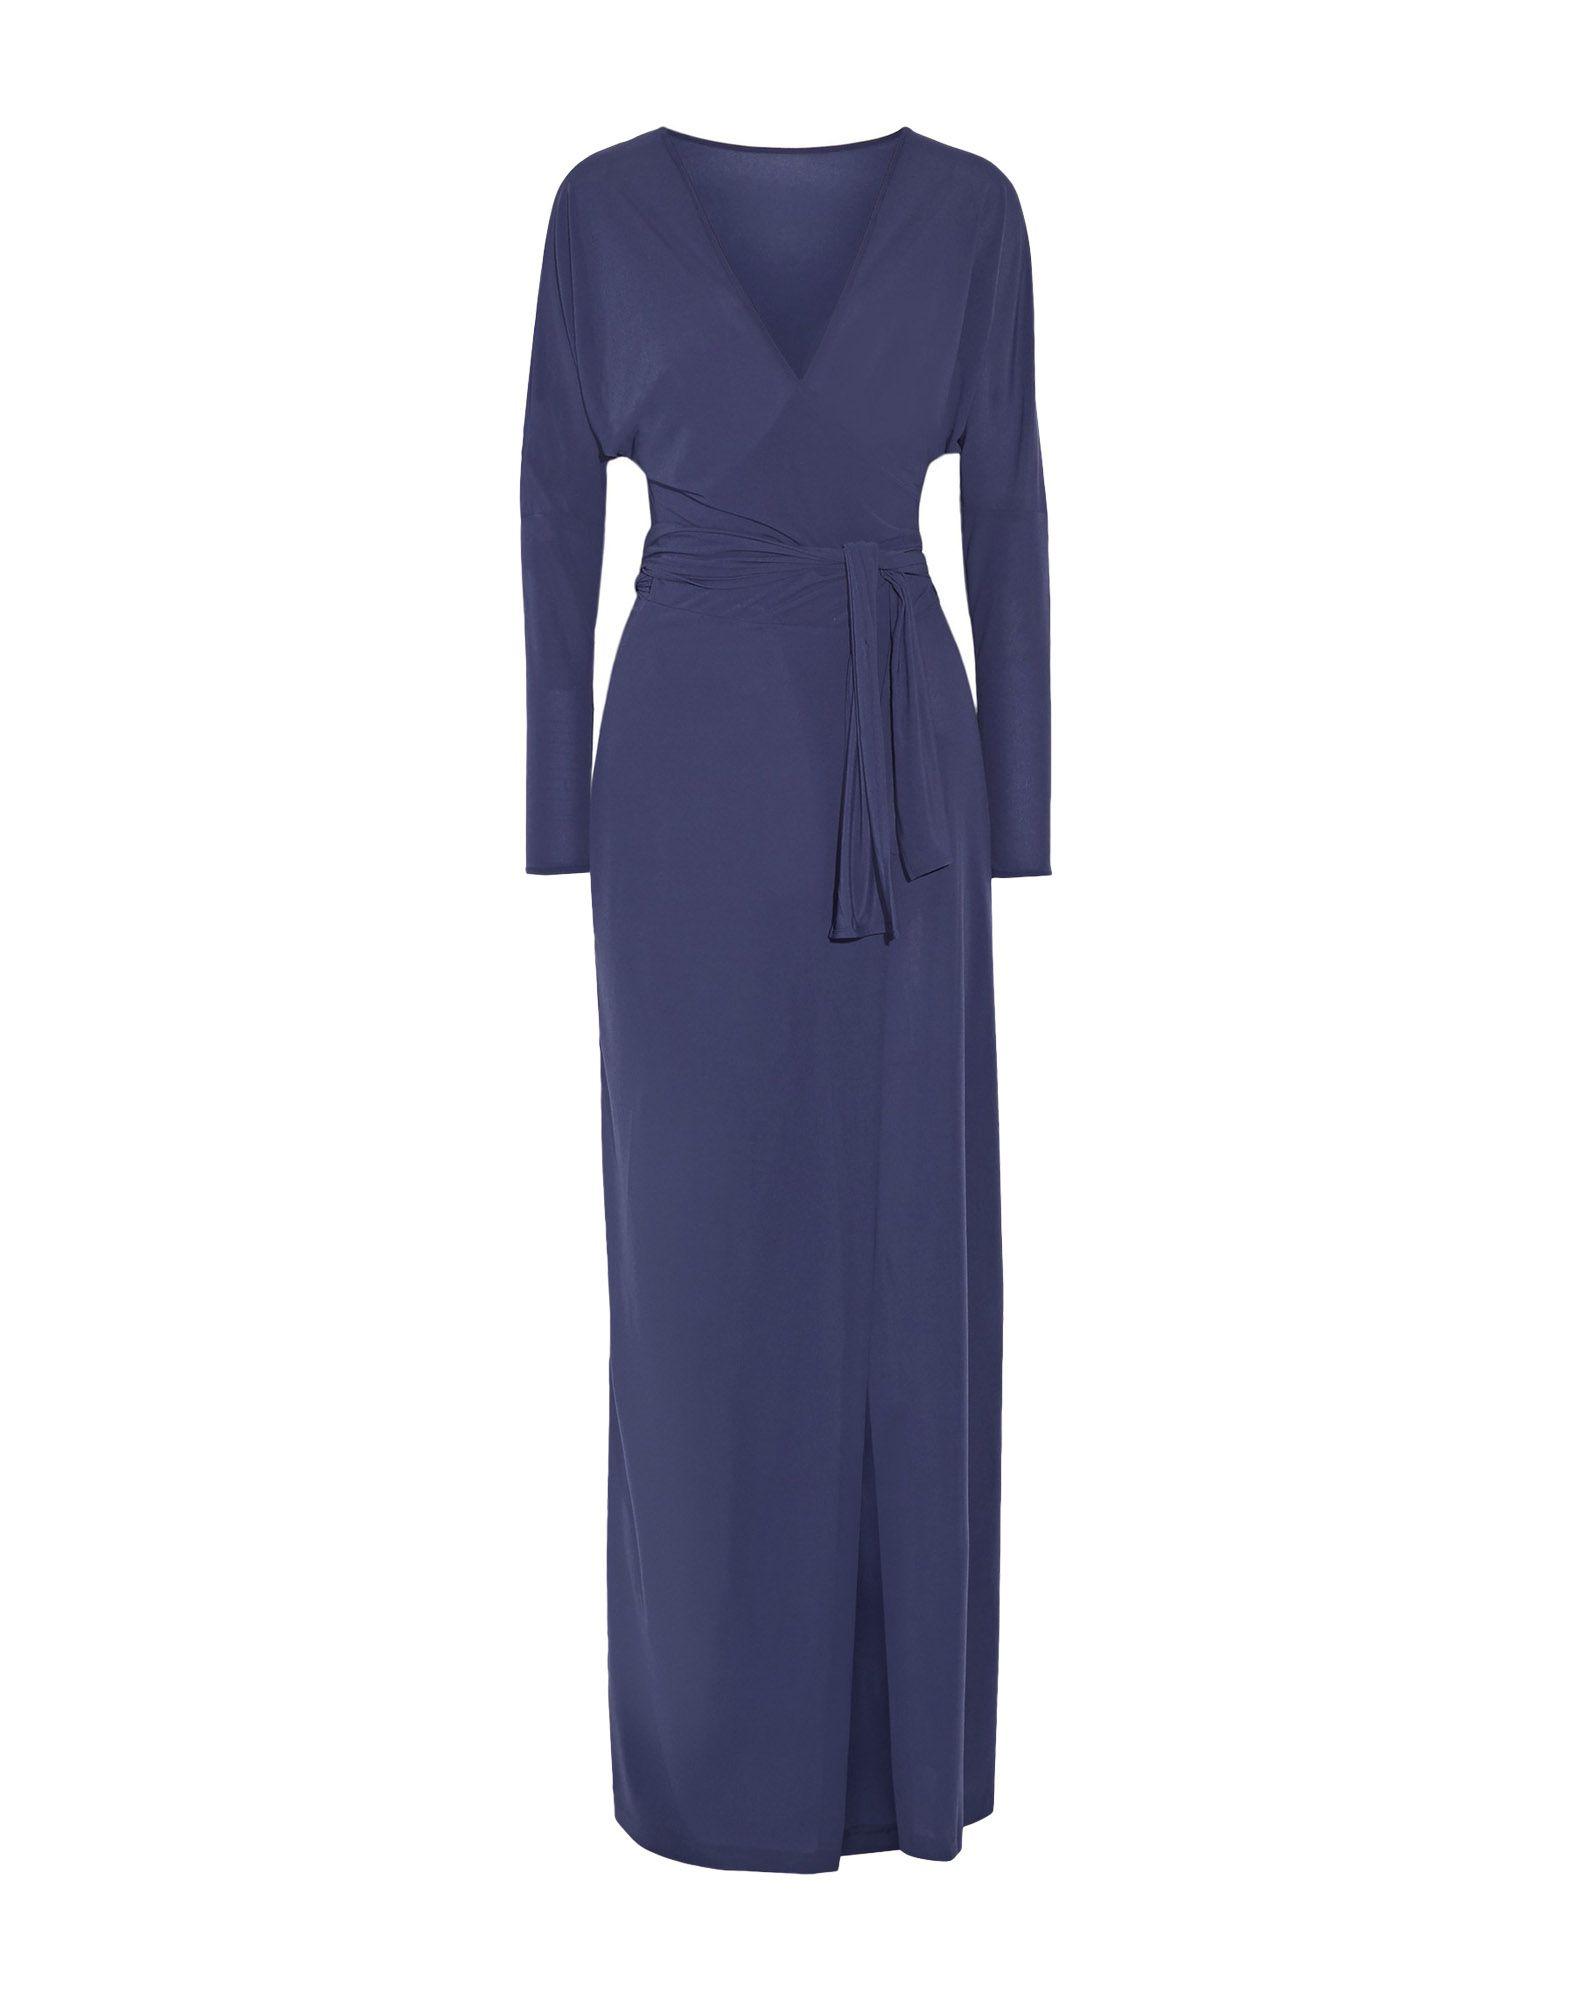 《送料無料》NORMA KAMALI レディース ロングワンピース&ドレス ブルー XS ポリエステル 100%